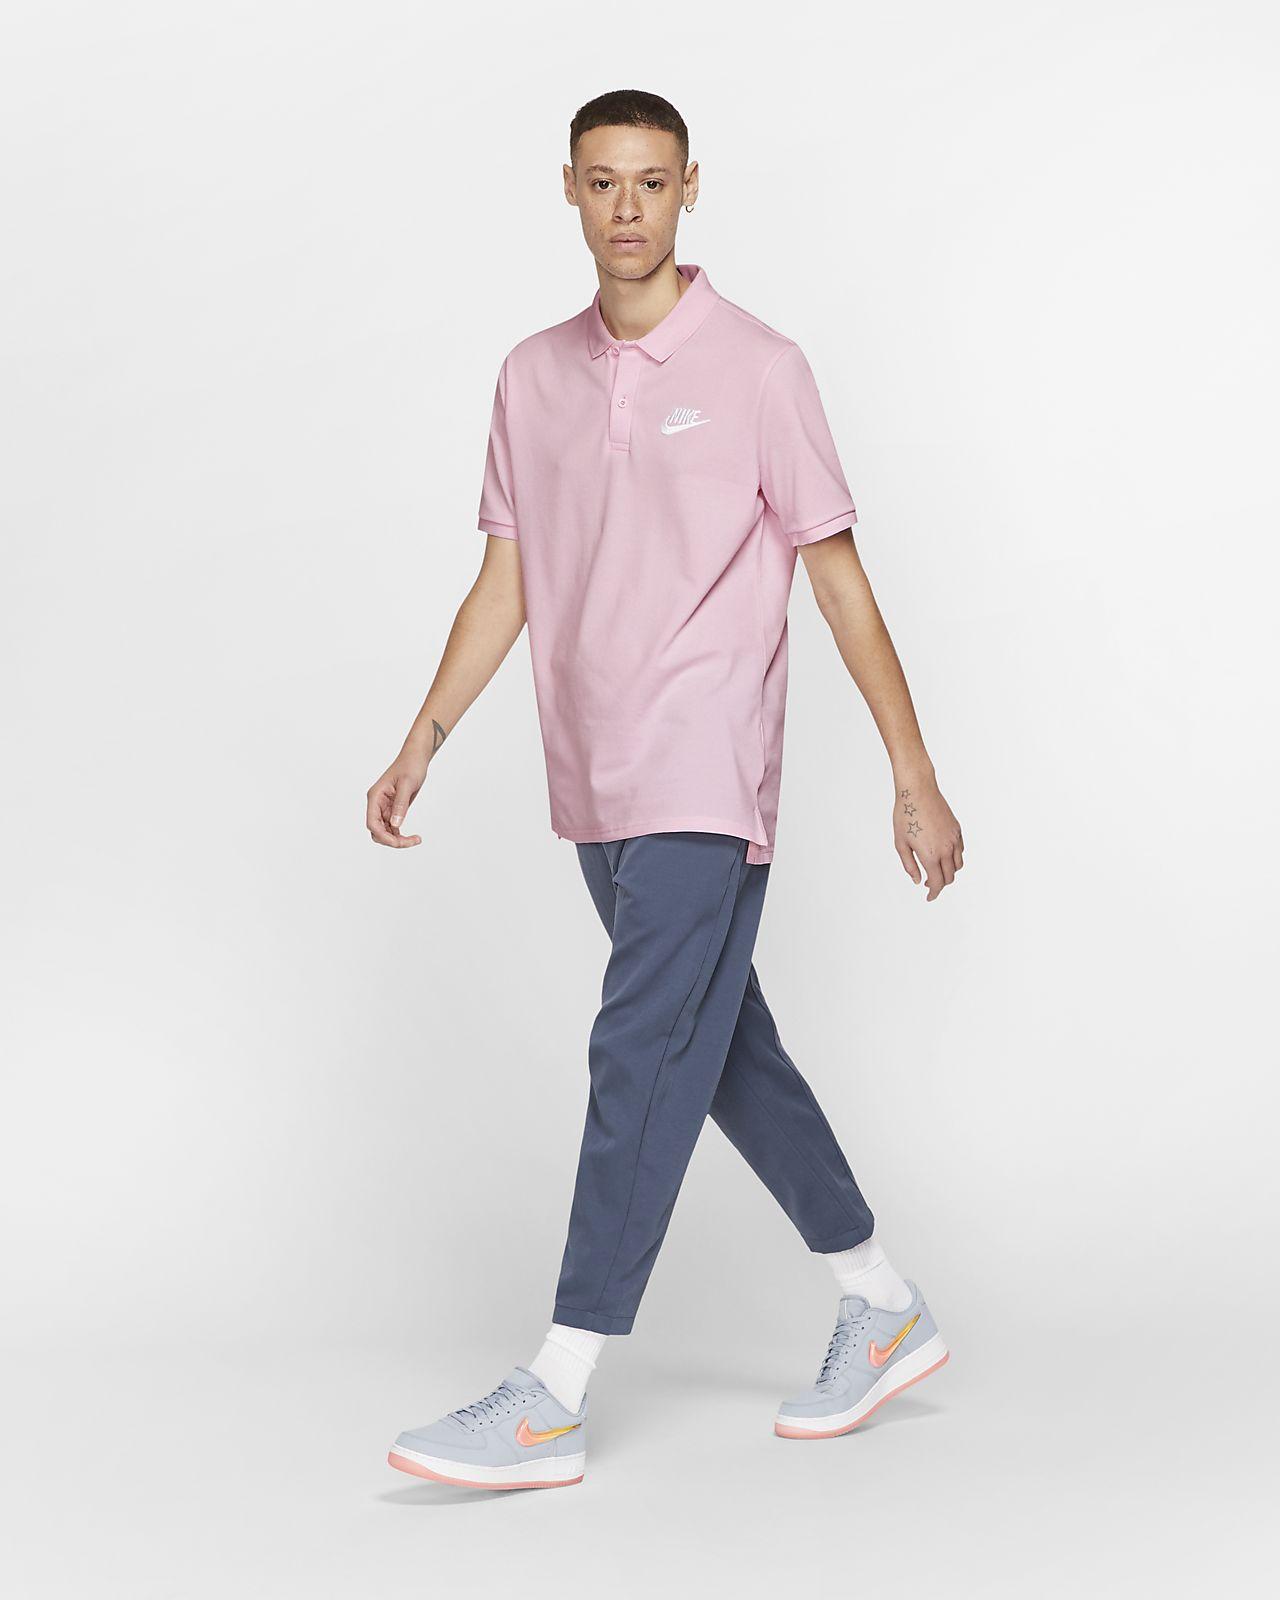 d0bcba96f Low Resolution Nike Sportswear Men s Polo Nike Sportswear Men s Polo